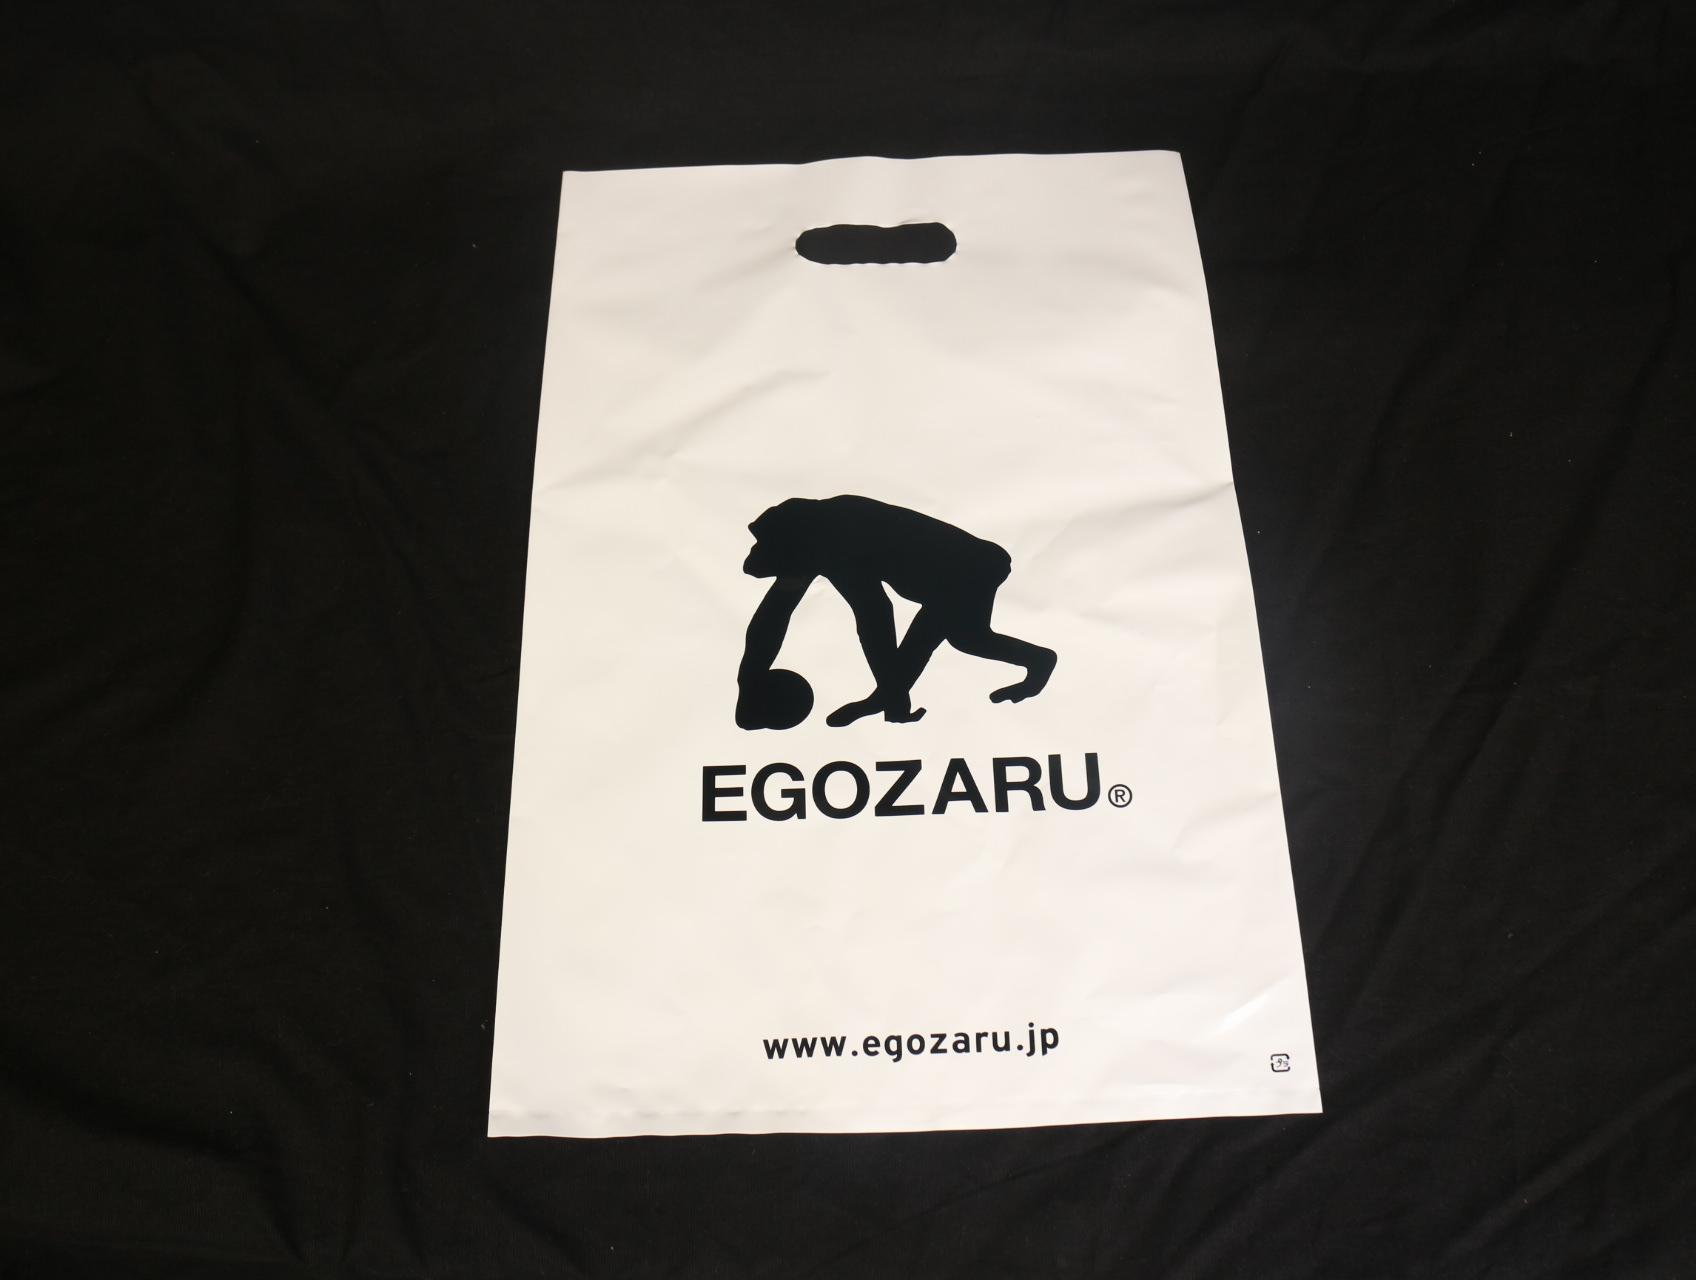 バスケットボールウエアを販売されているブランド様のオリジナルポリ袋